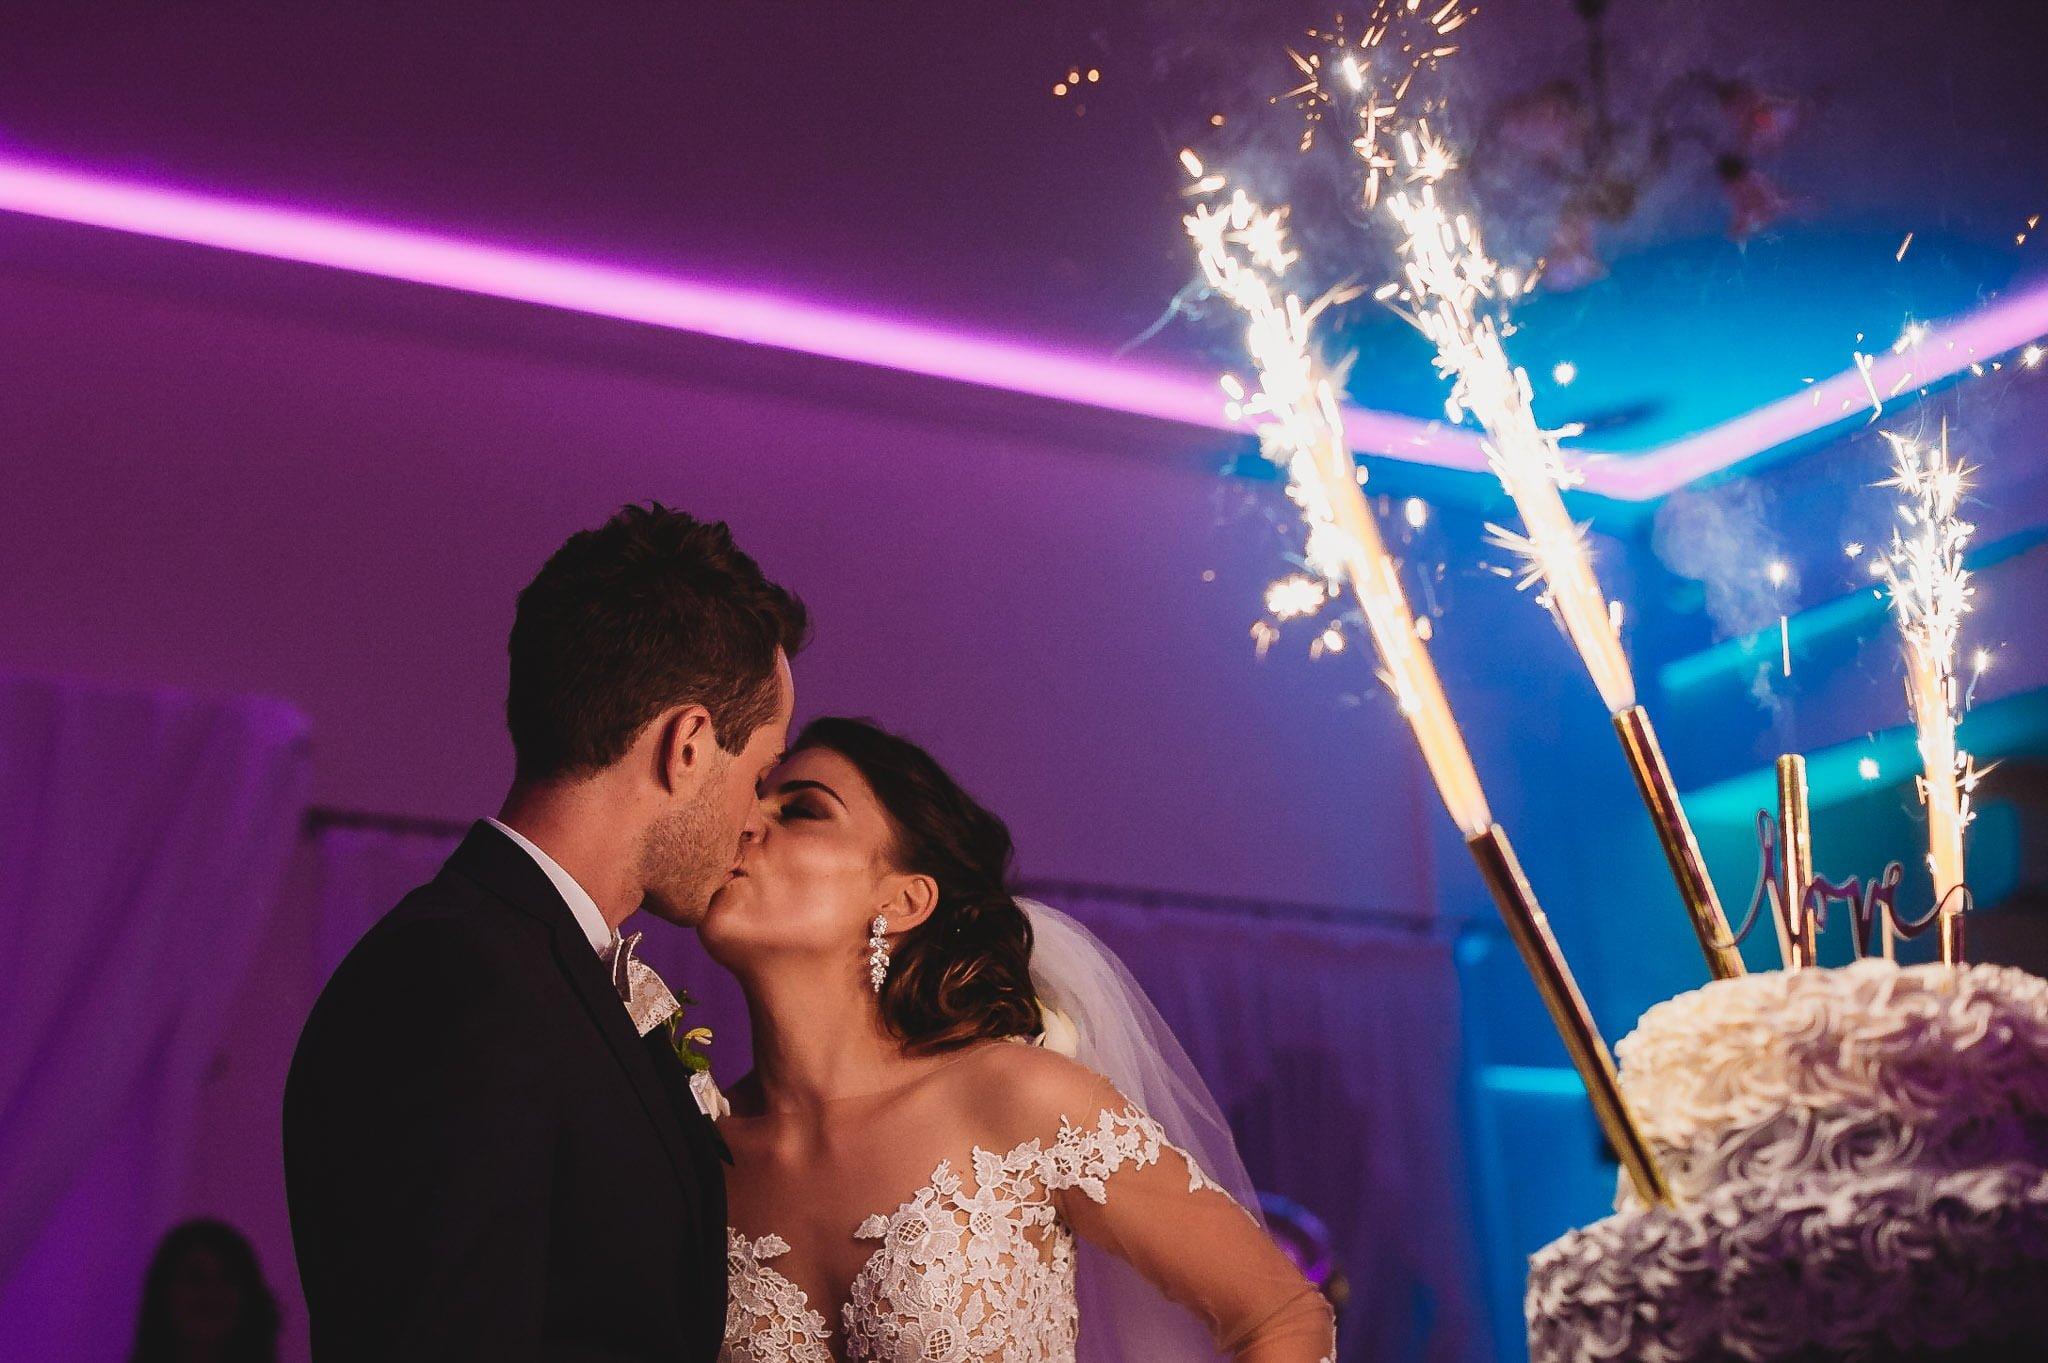 Angelika i Michał, piękne zdjęcia ślubne i sesja plenerowa w Gołuchowie 212